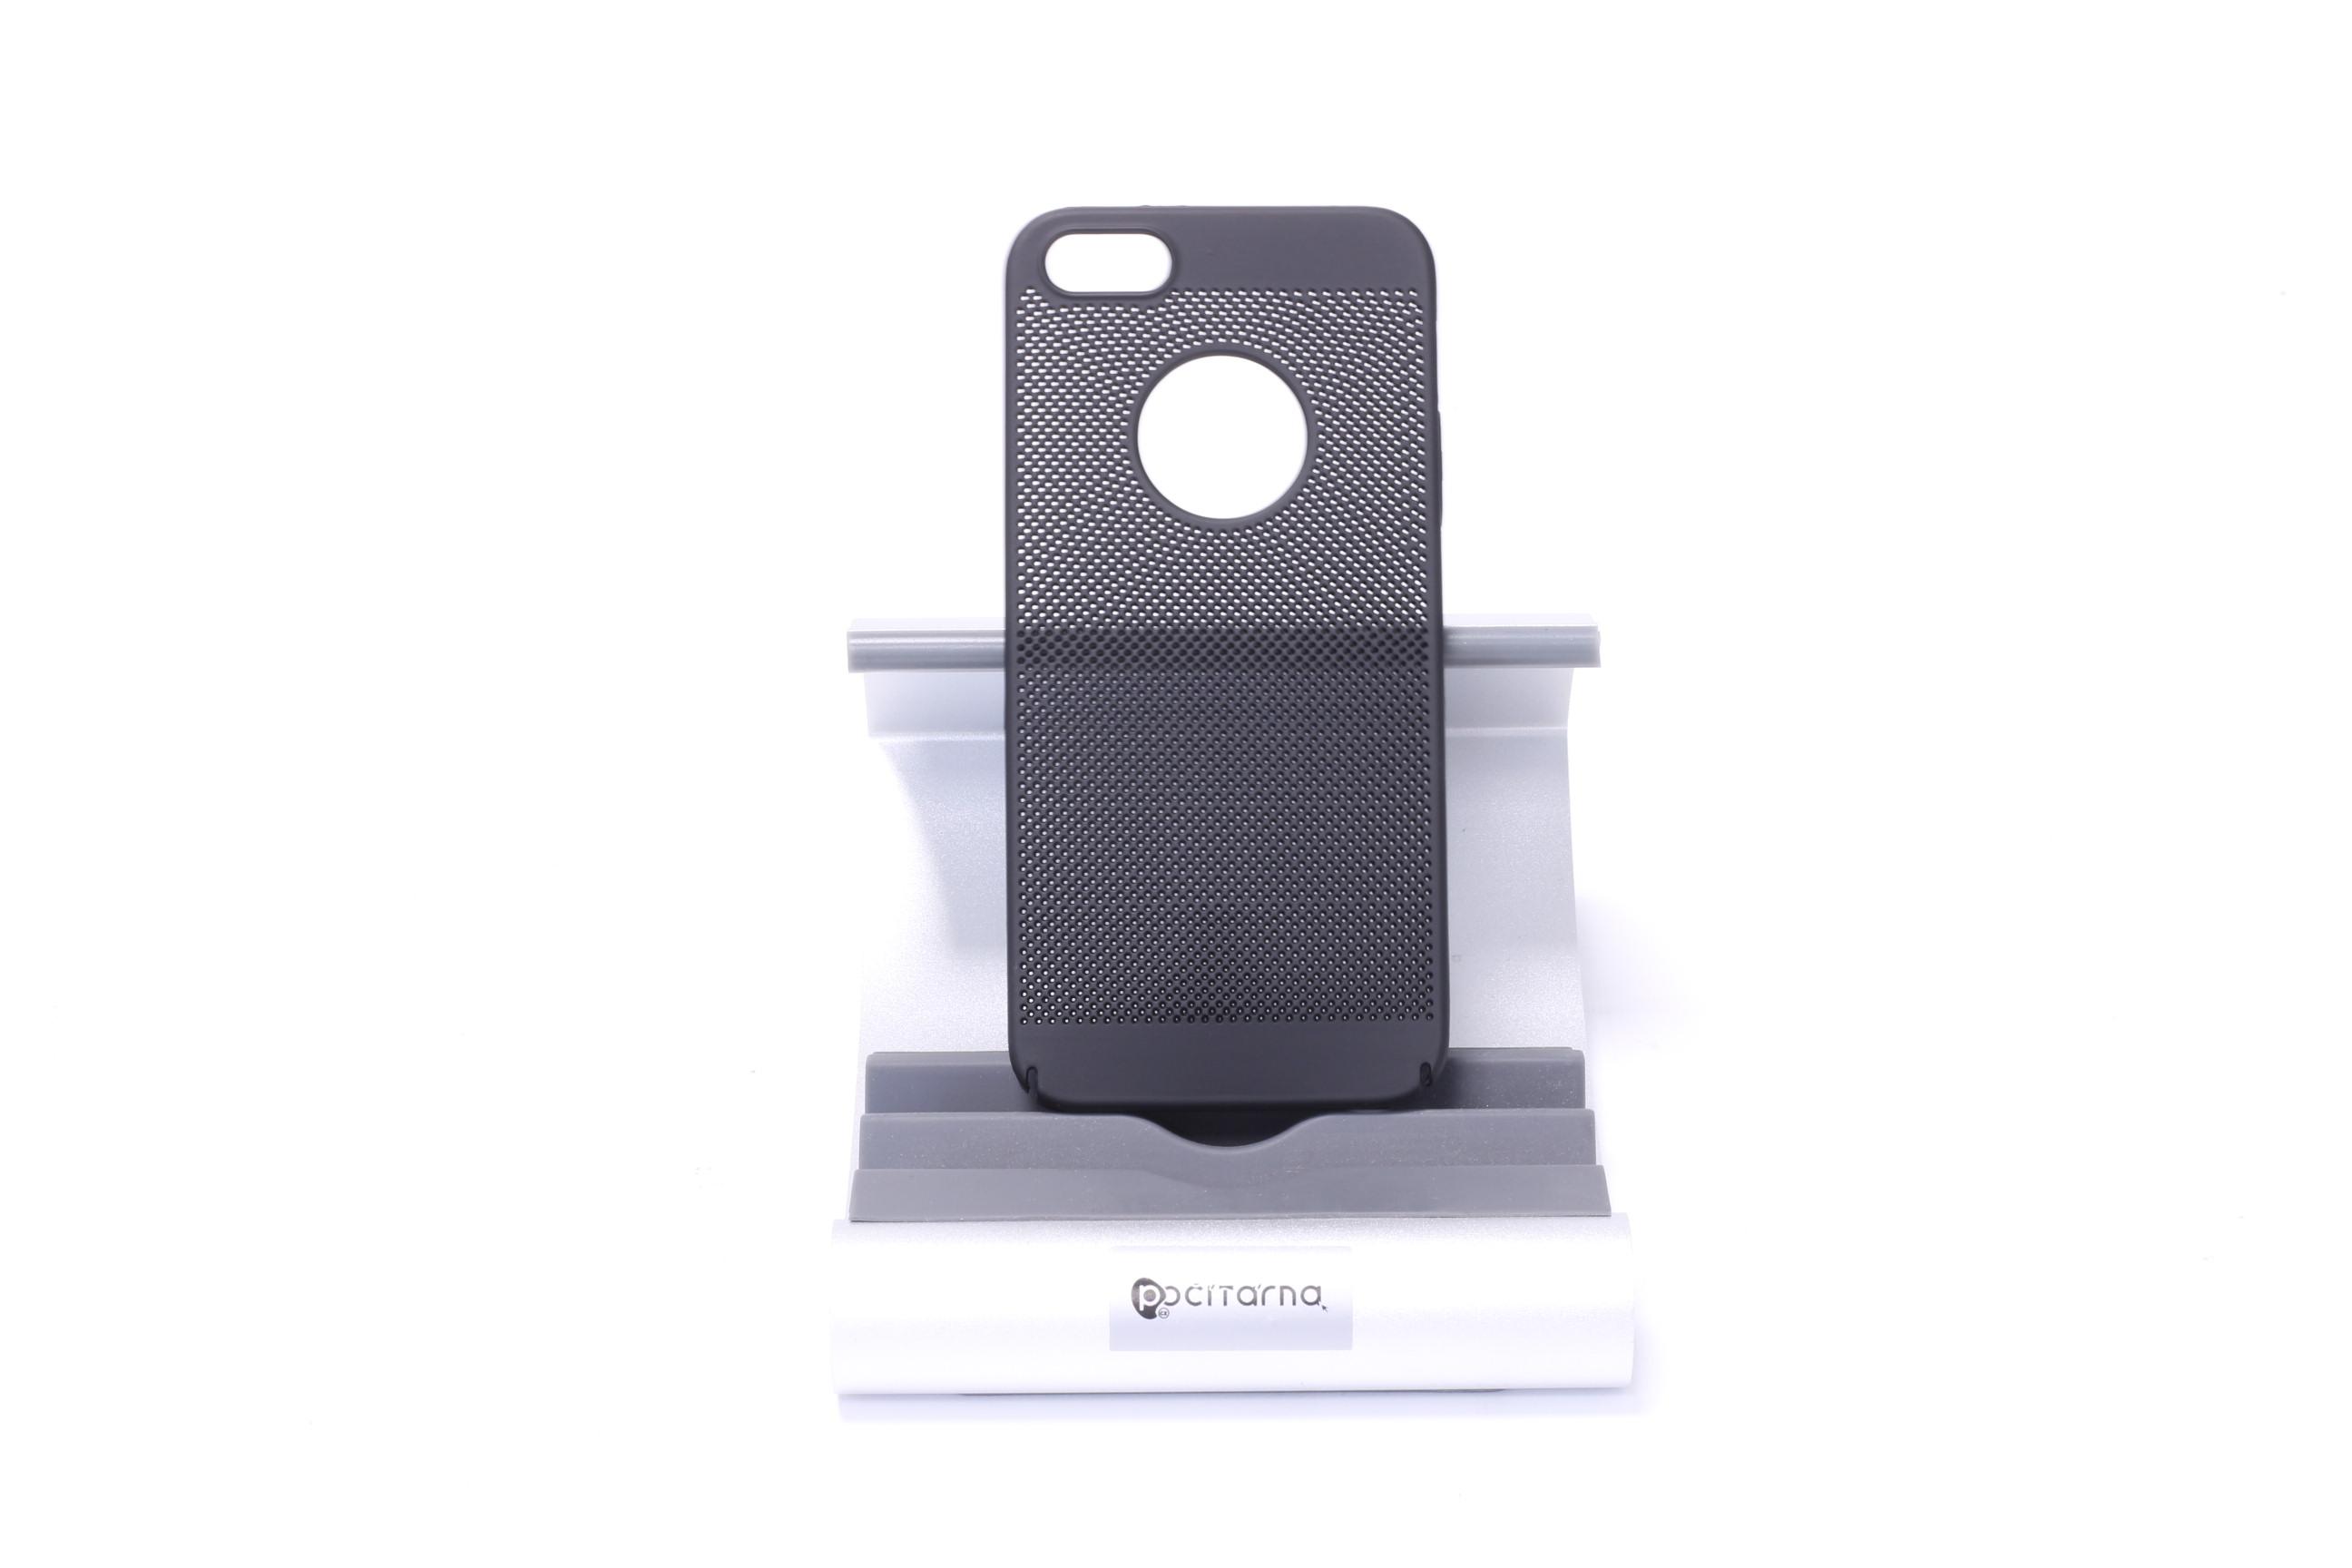 Ochranný kryt pro iPhone 5/5S/SE - Černá